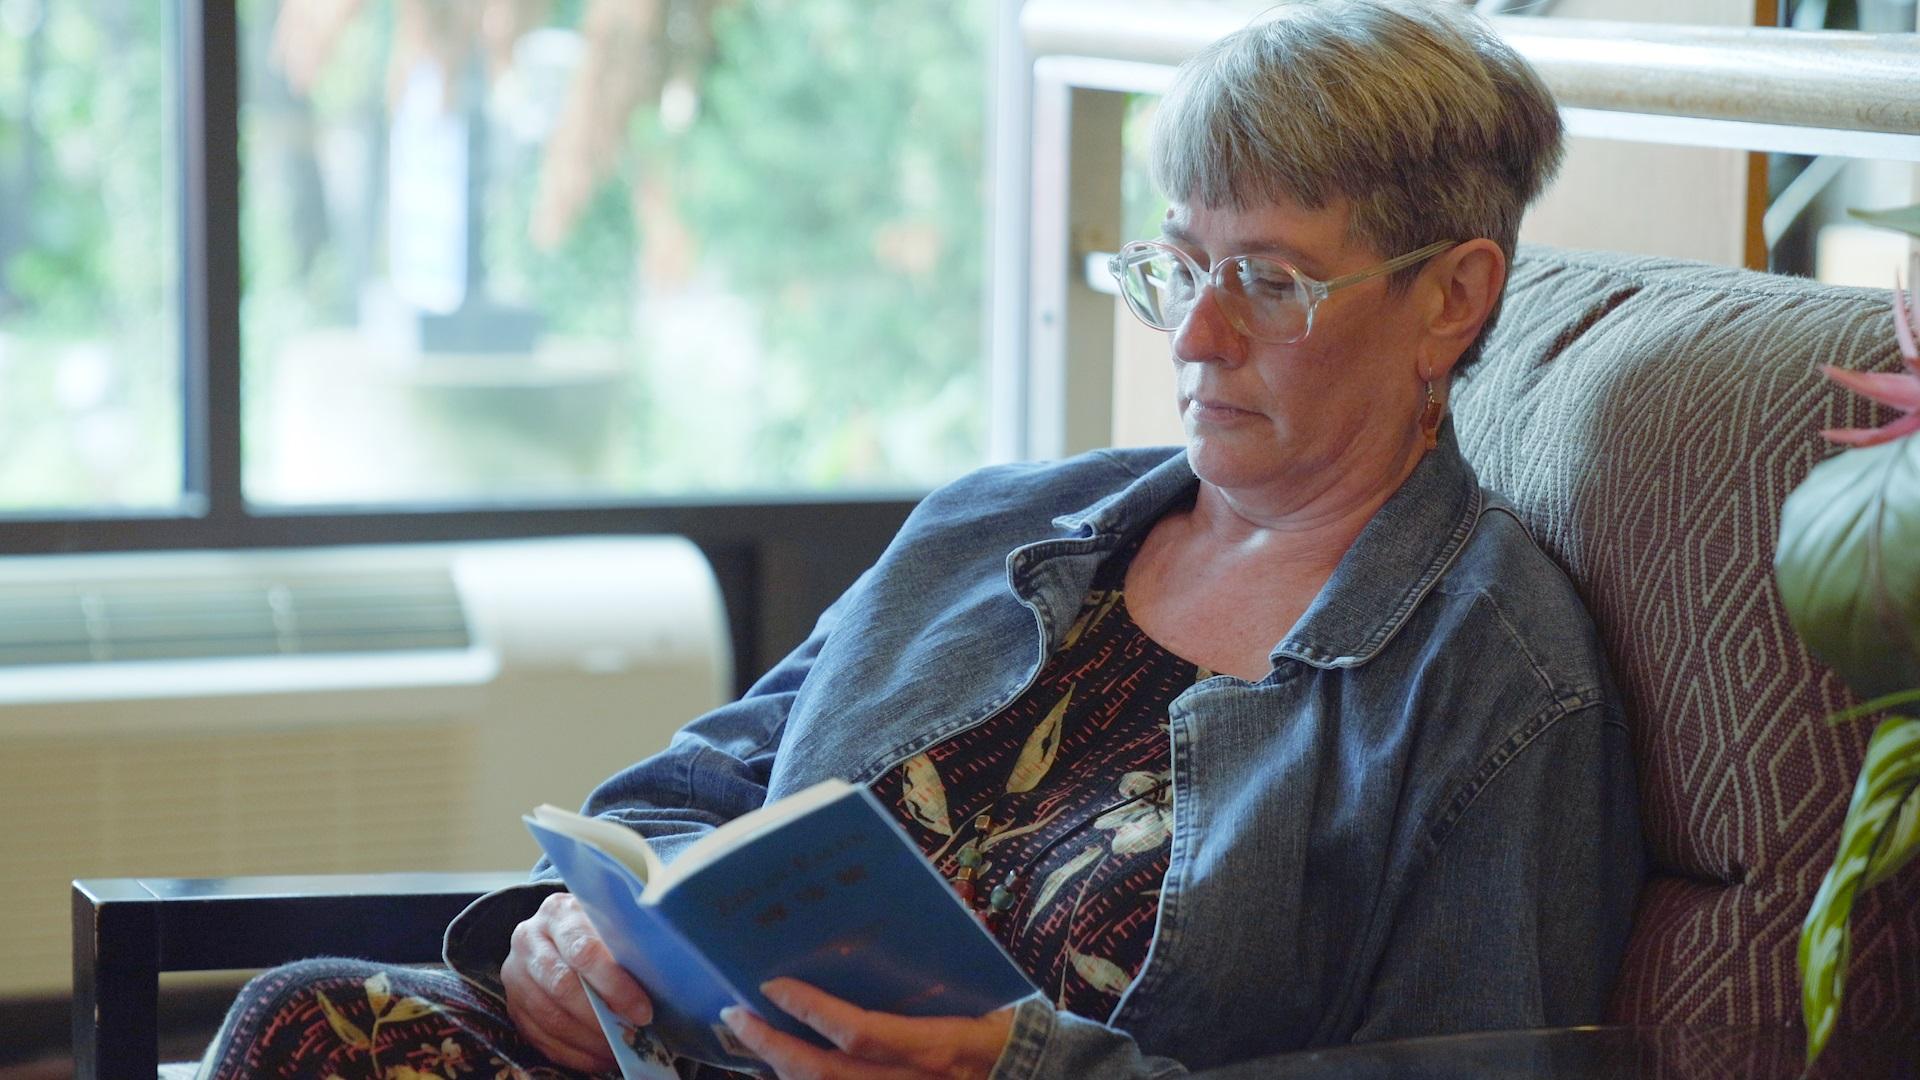 紅斑狼瘡病苦十年 她偶遇一紙「心靈藥單」